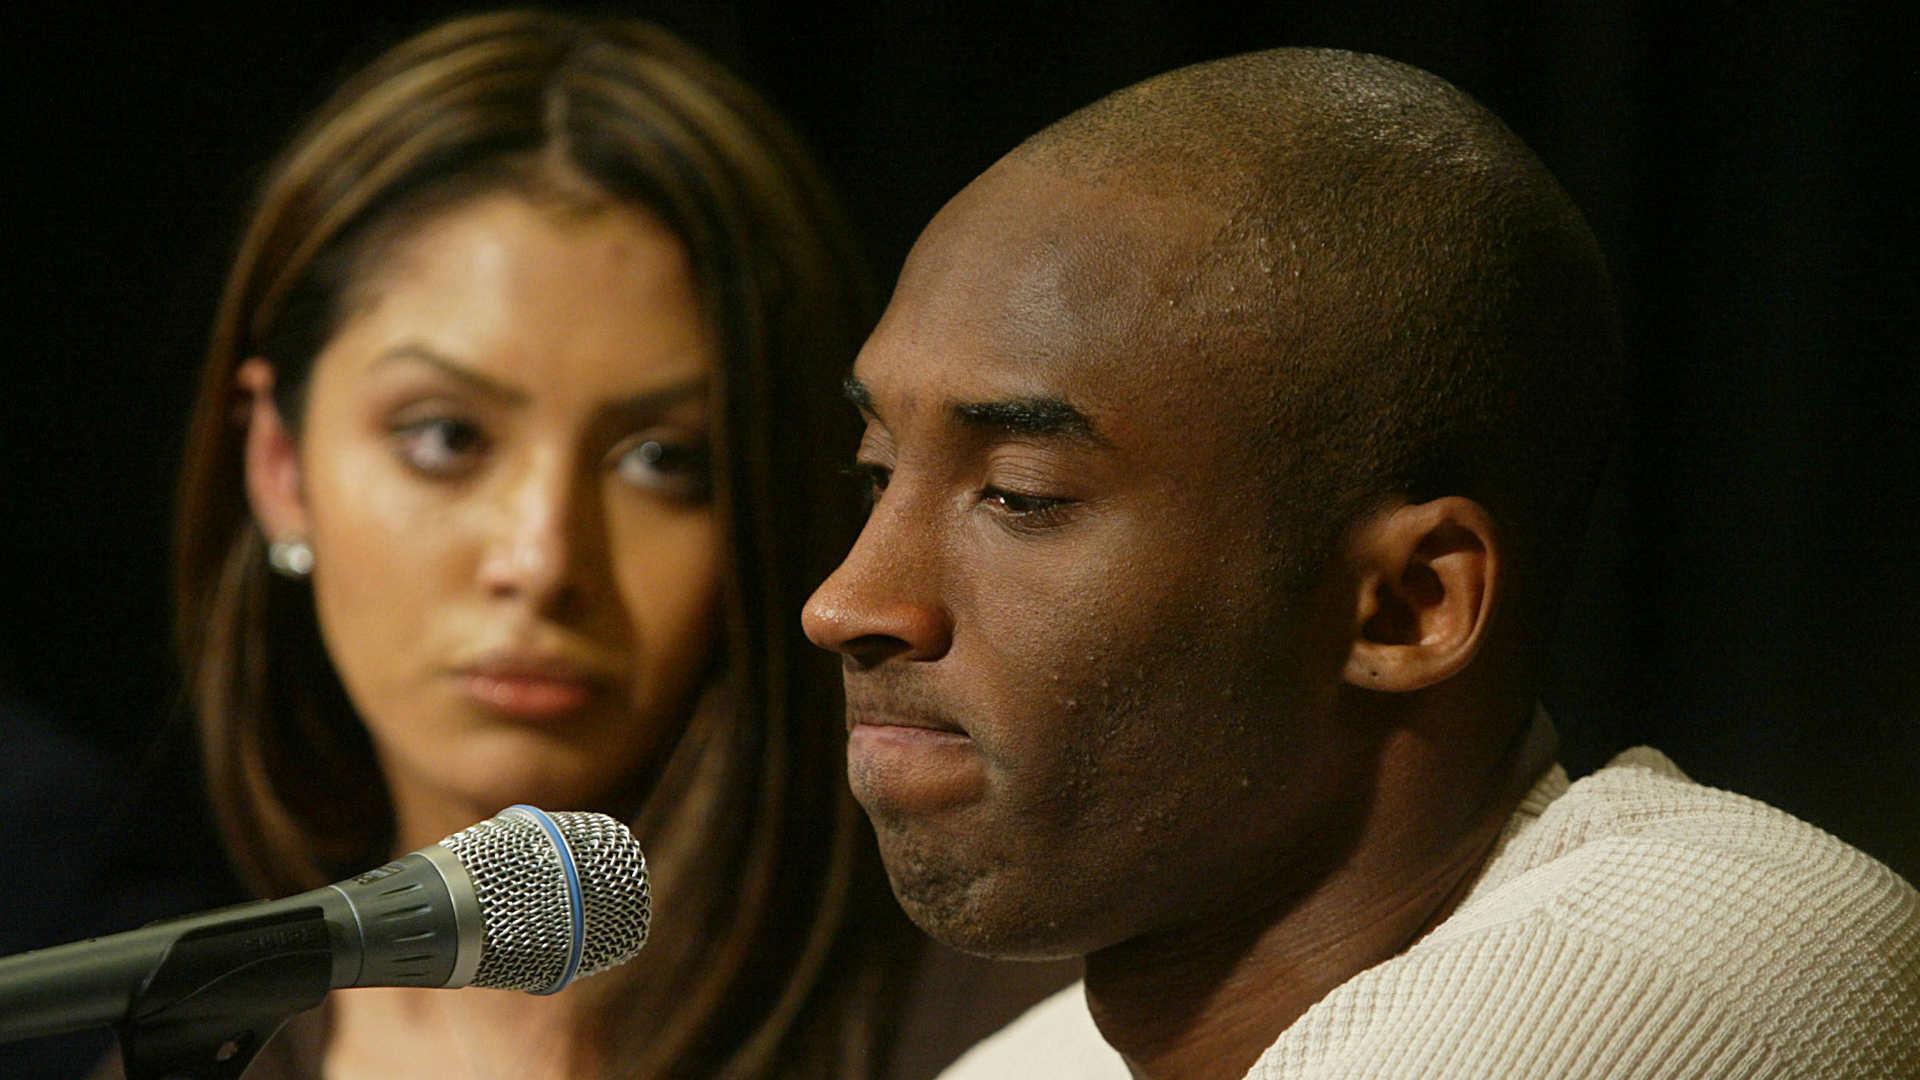 Kobe Bryant S Oscar Win Derided By Those Who Recall Rape